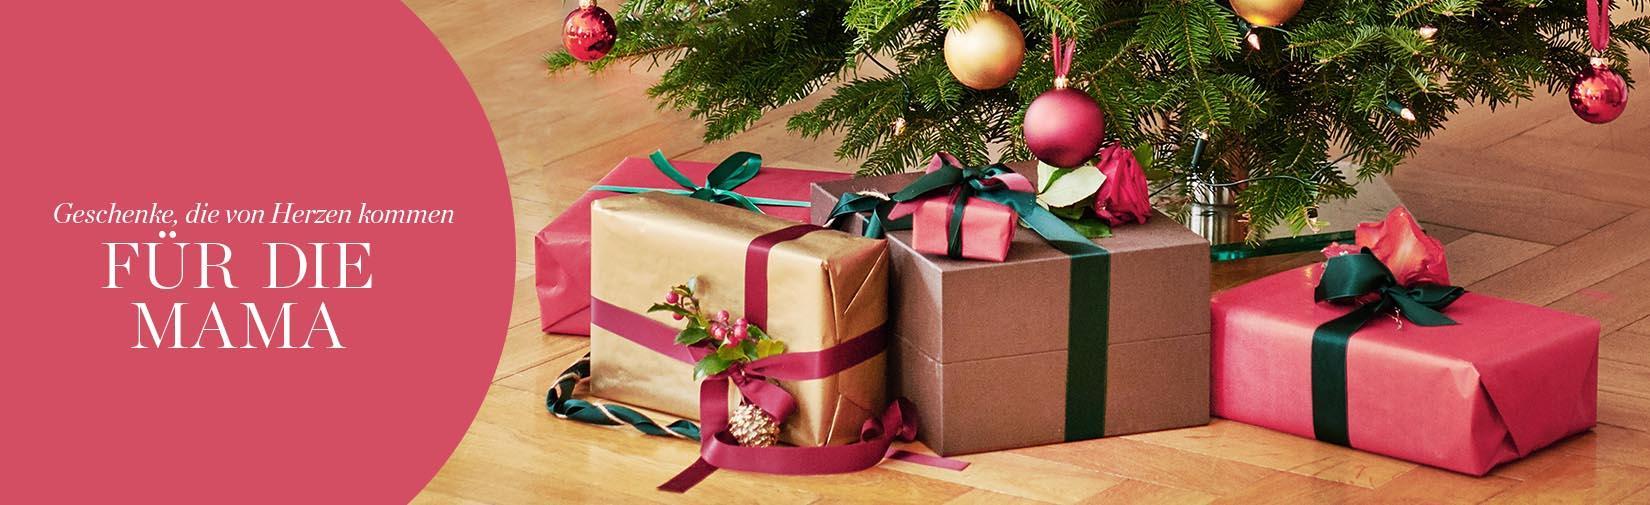 LP_Geschenke-SpezialLP-Geschenke-Special_mama-desktop